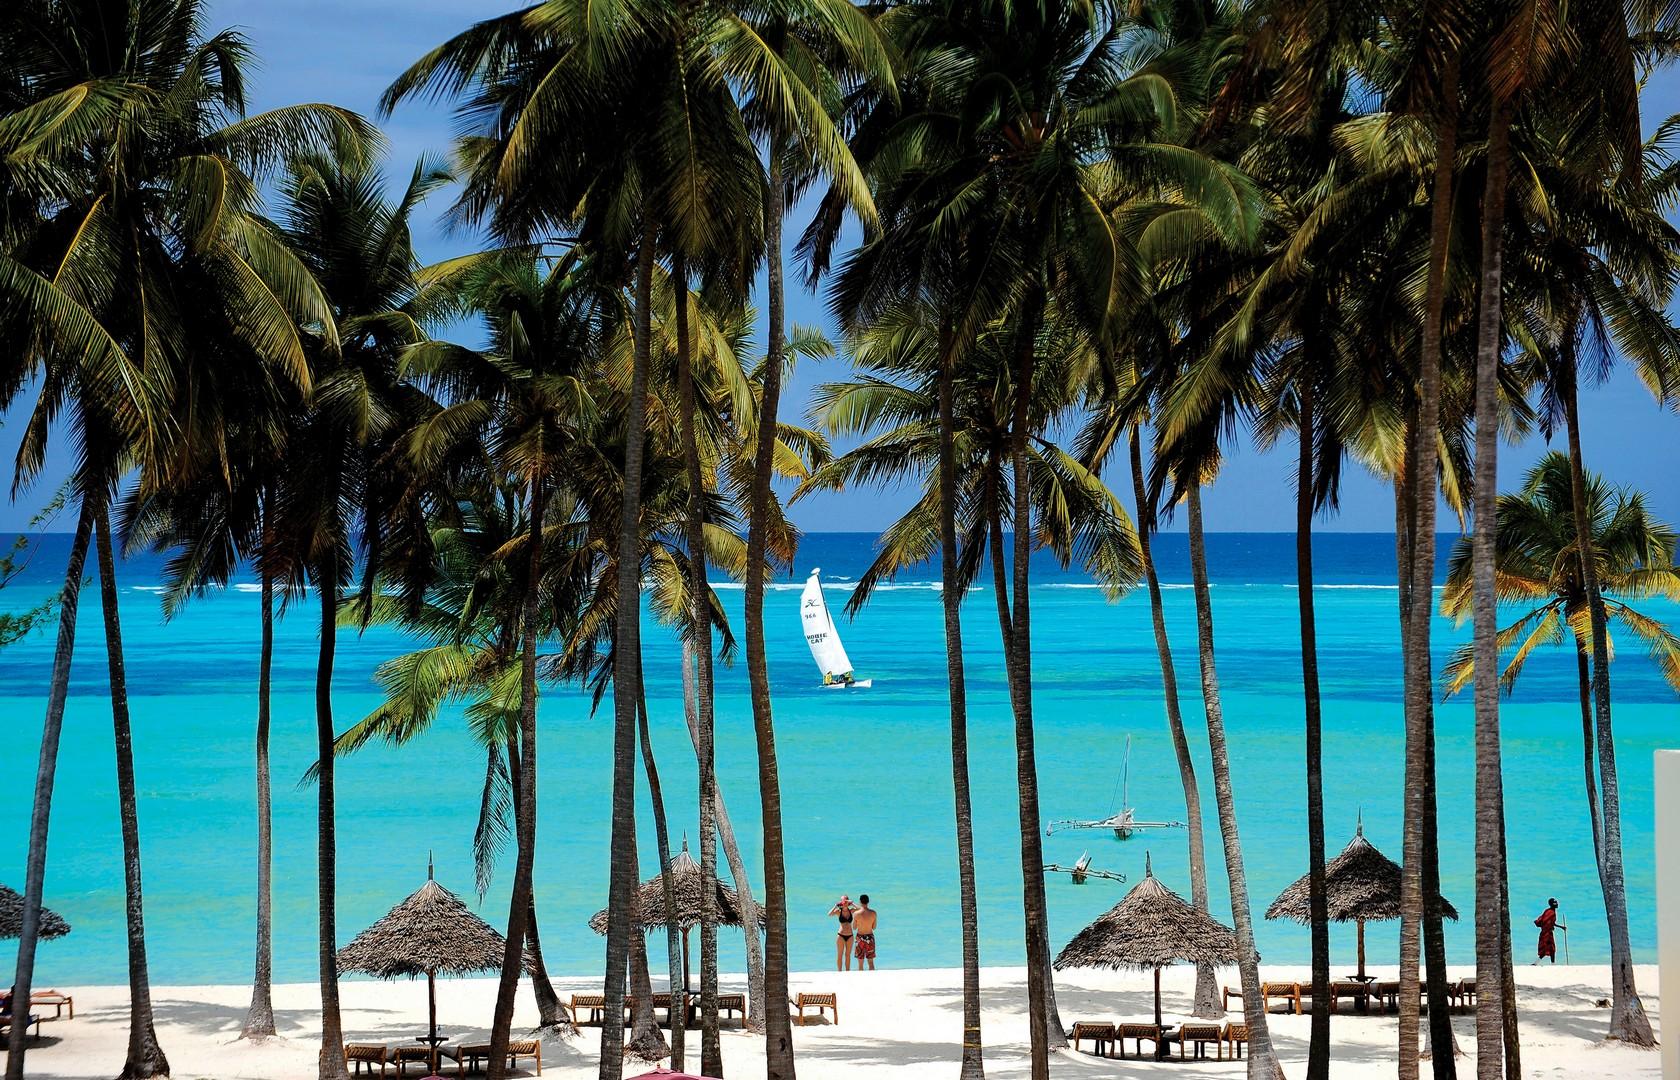 5413Dream of Zanzibar_00001